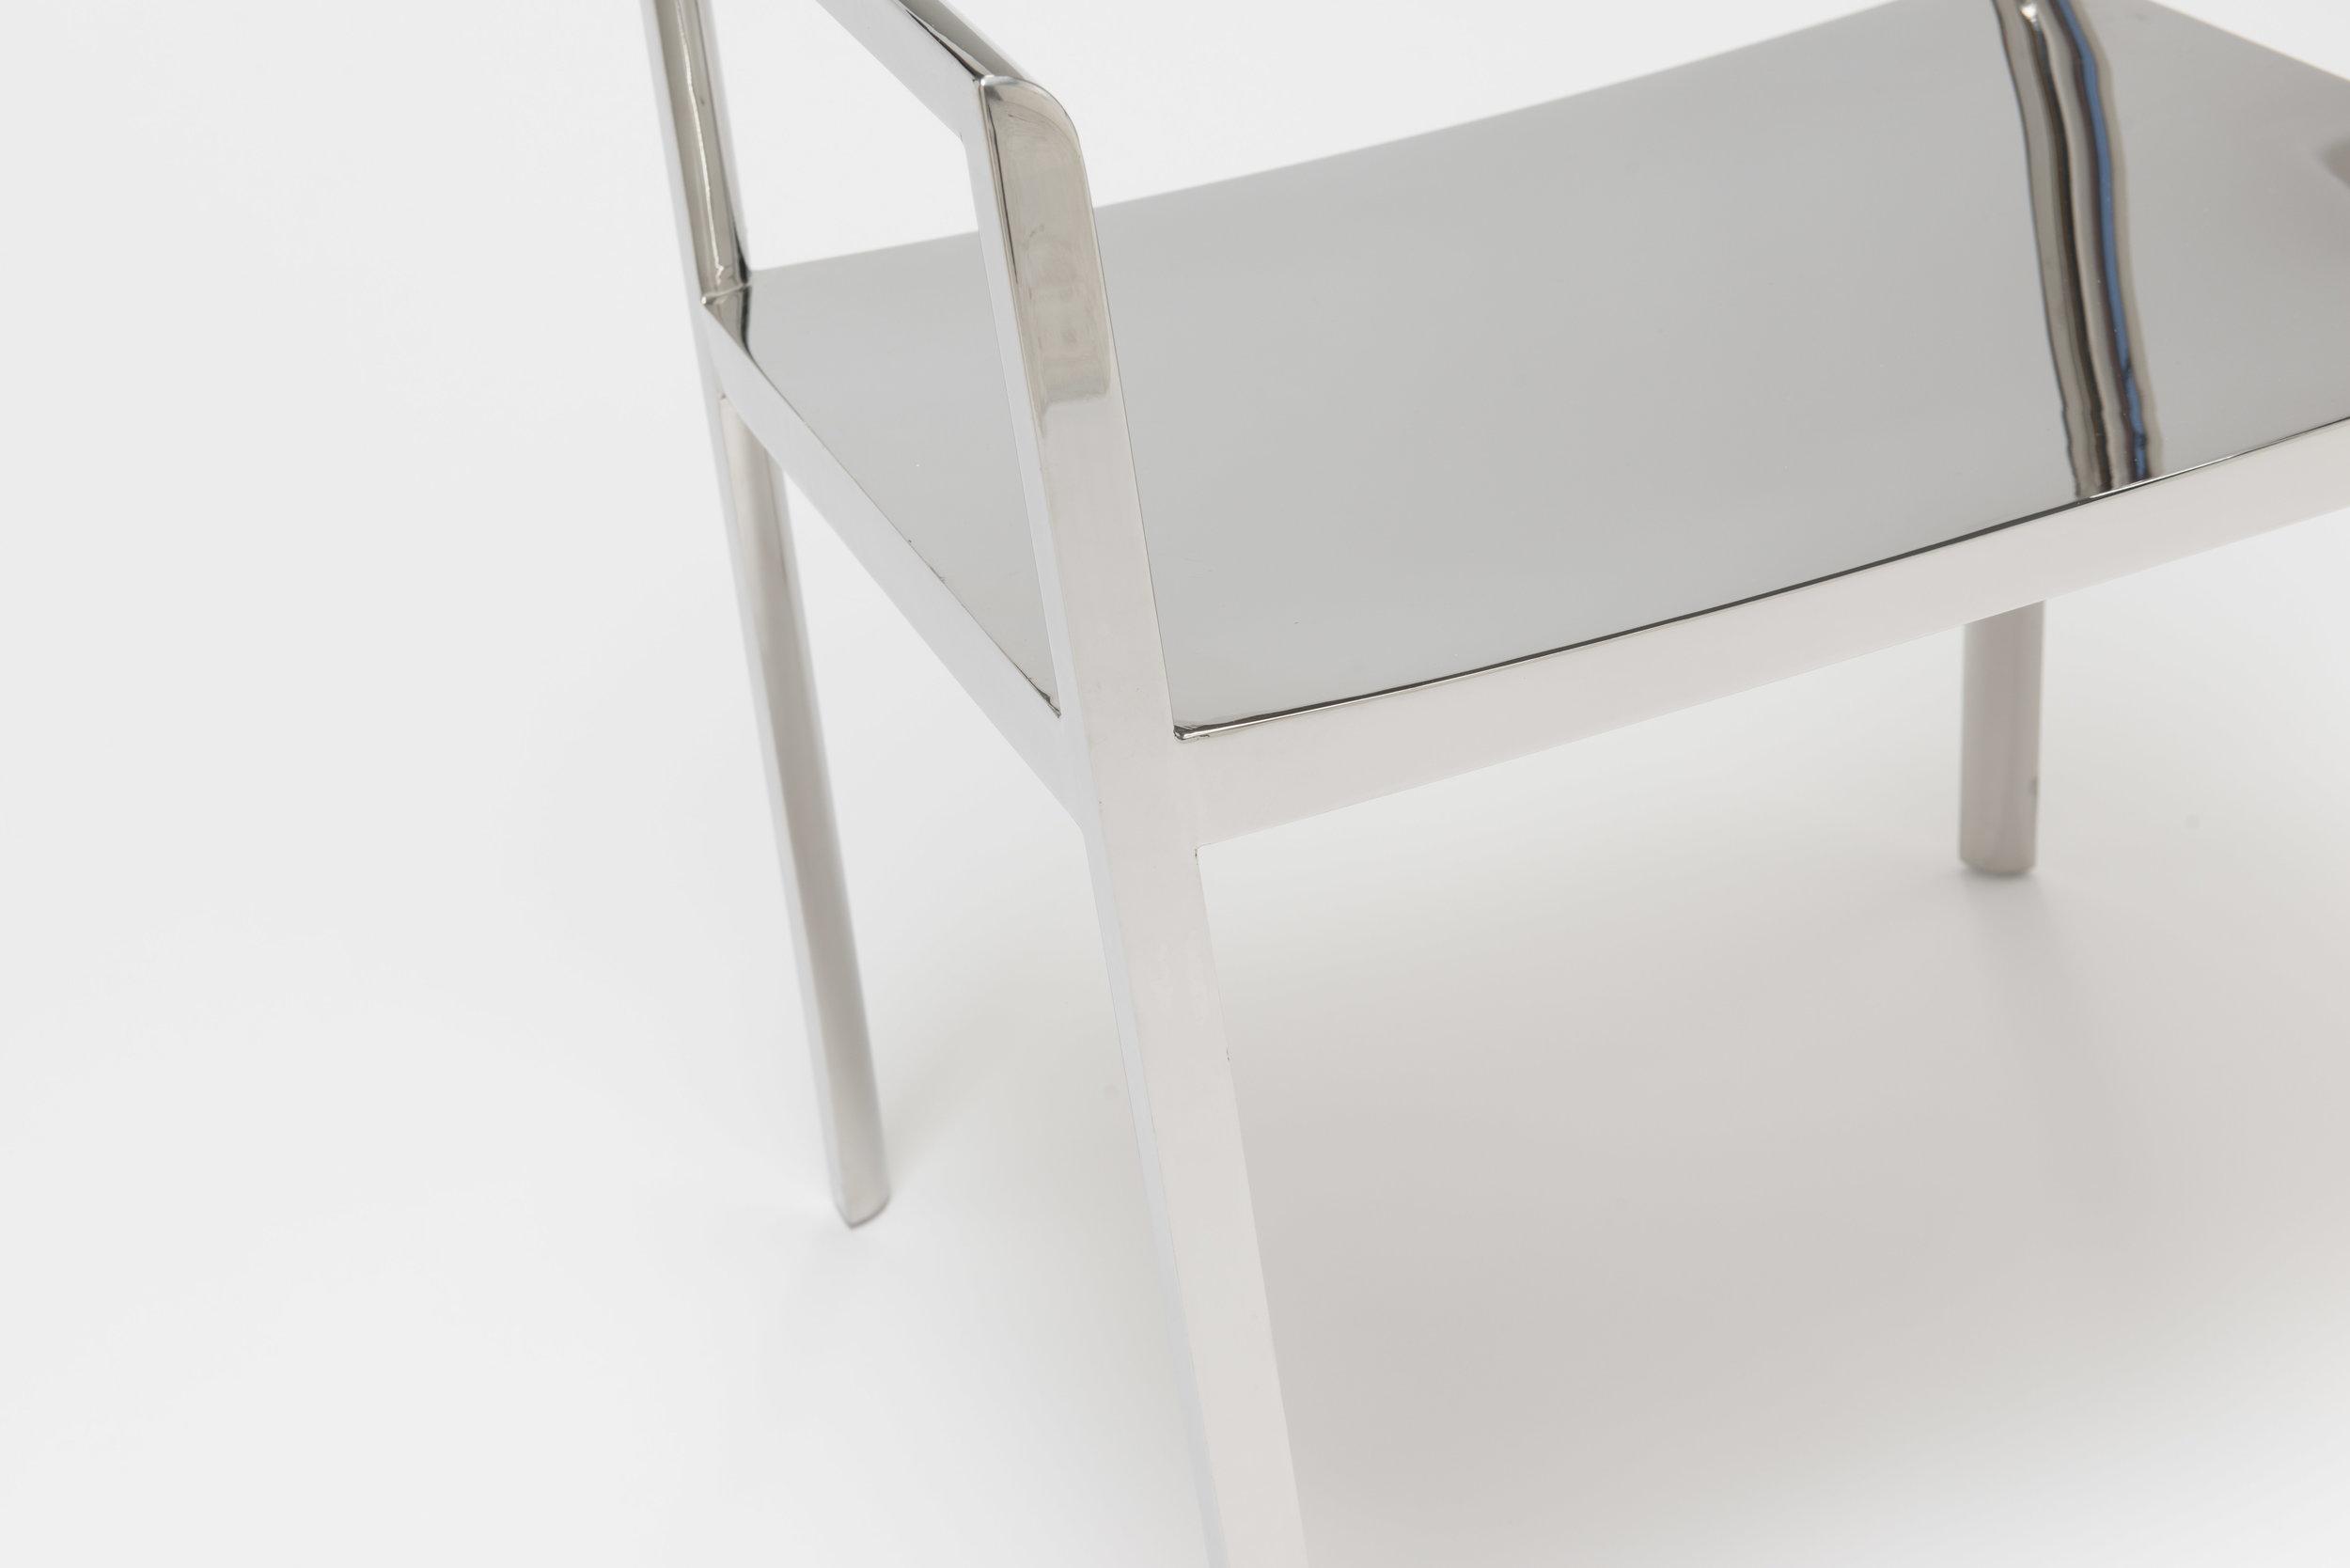 stainless_steel_chair_detail.jpg